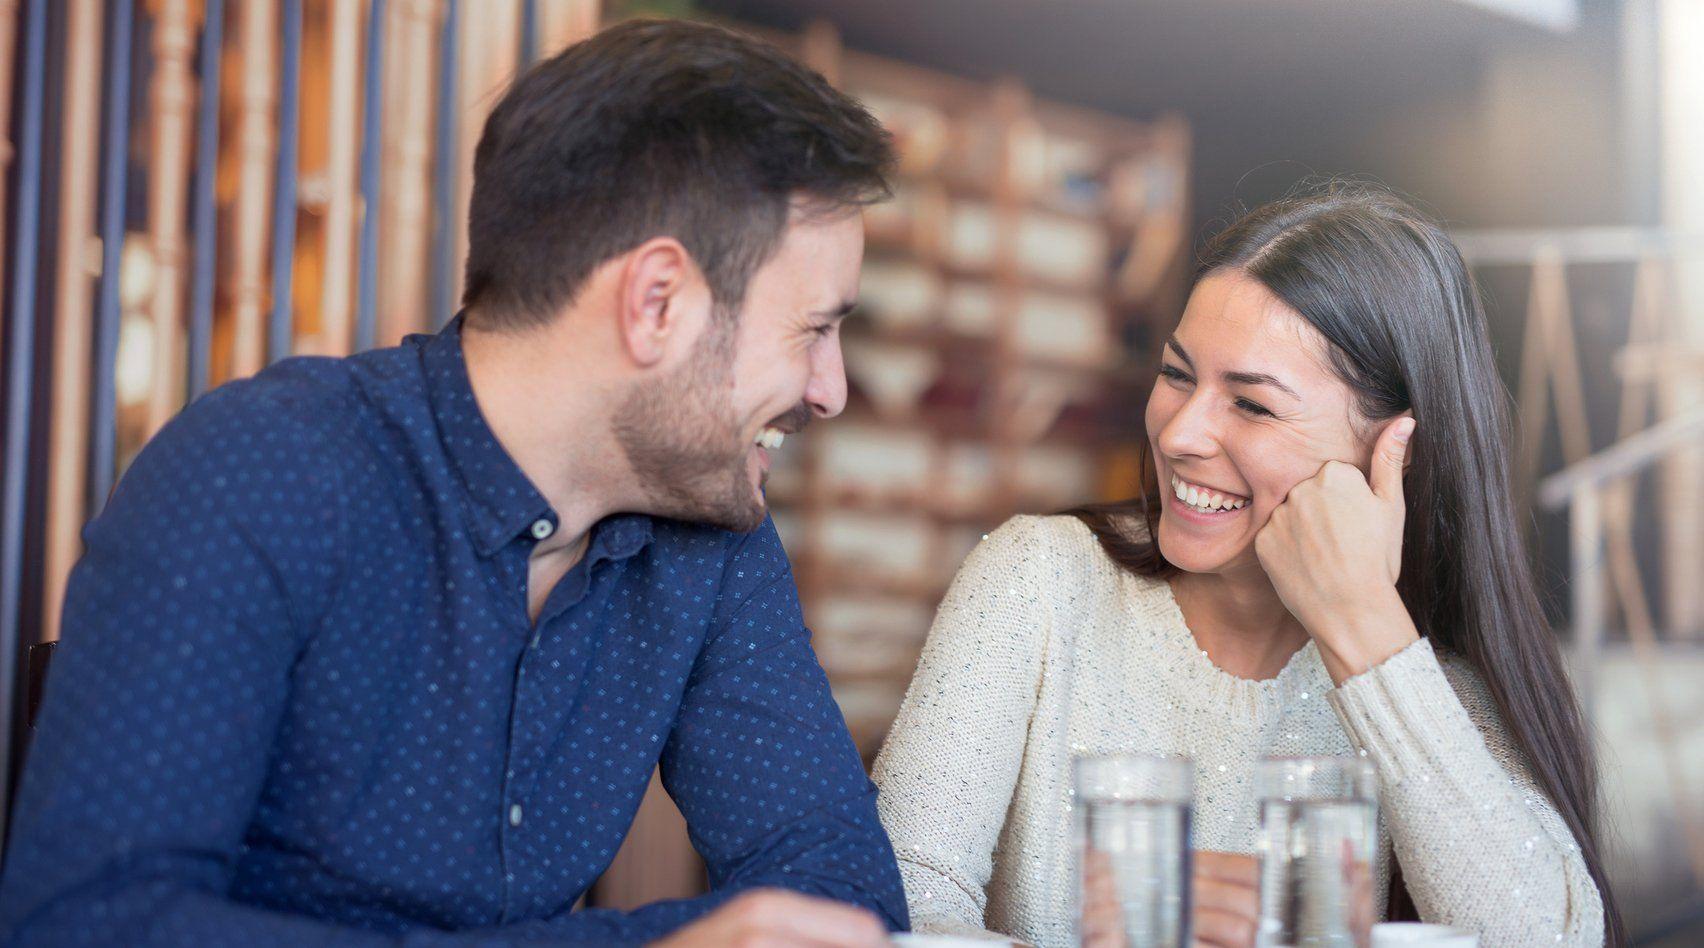 Gute Dating-Zeilen 26 keine Dating-Erfahrung